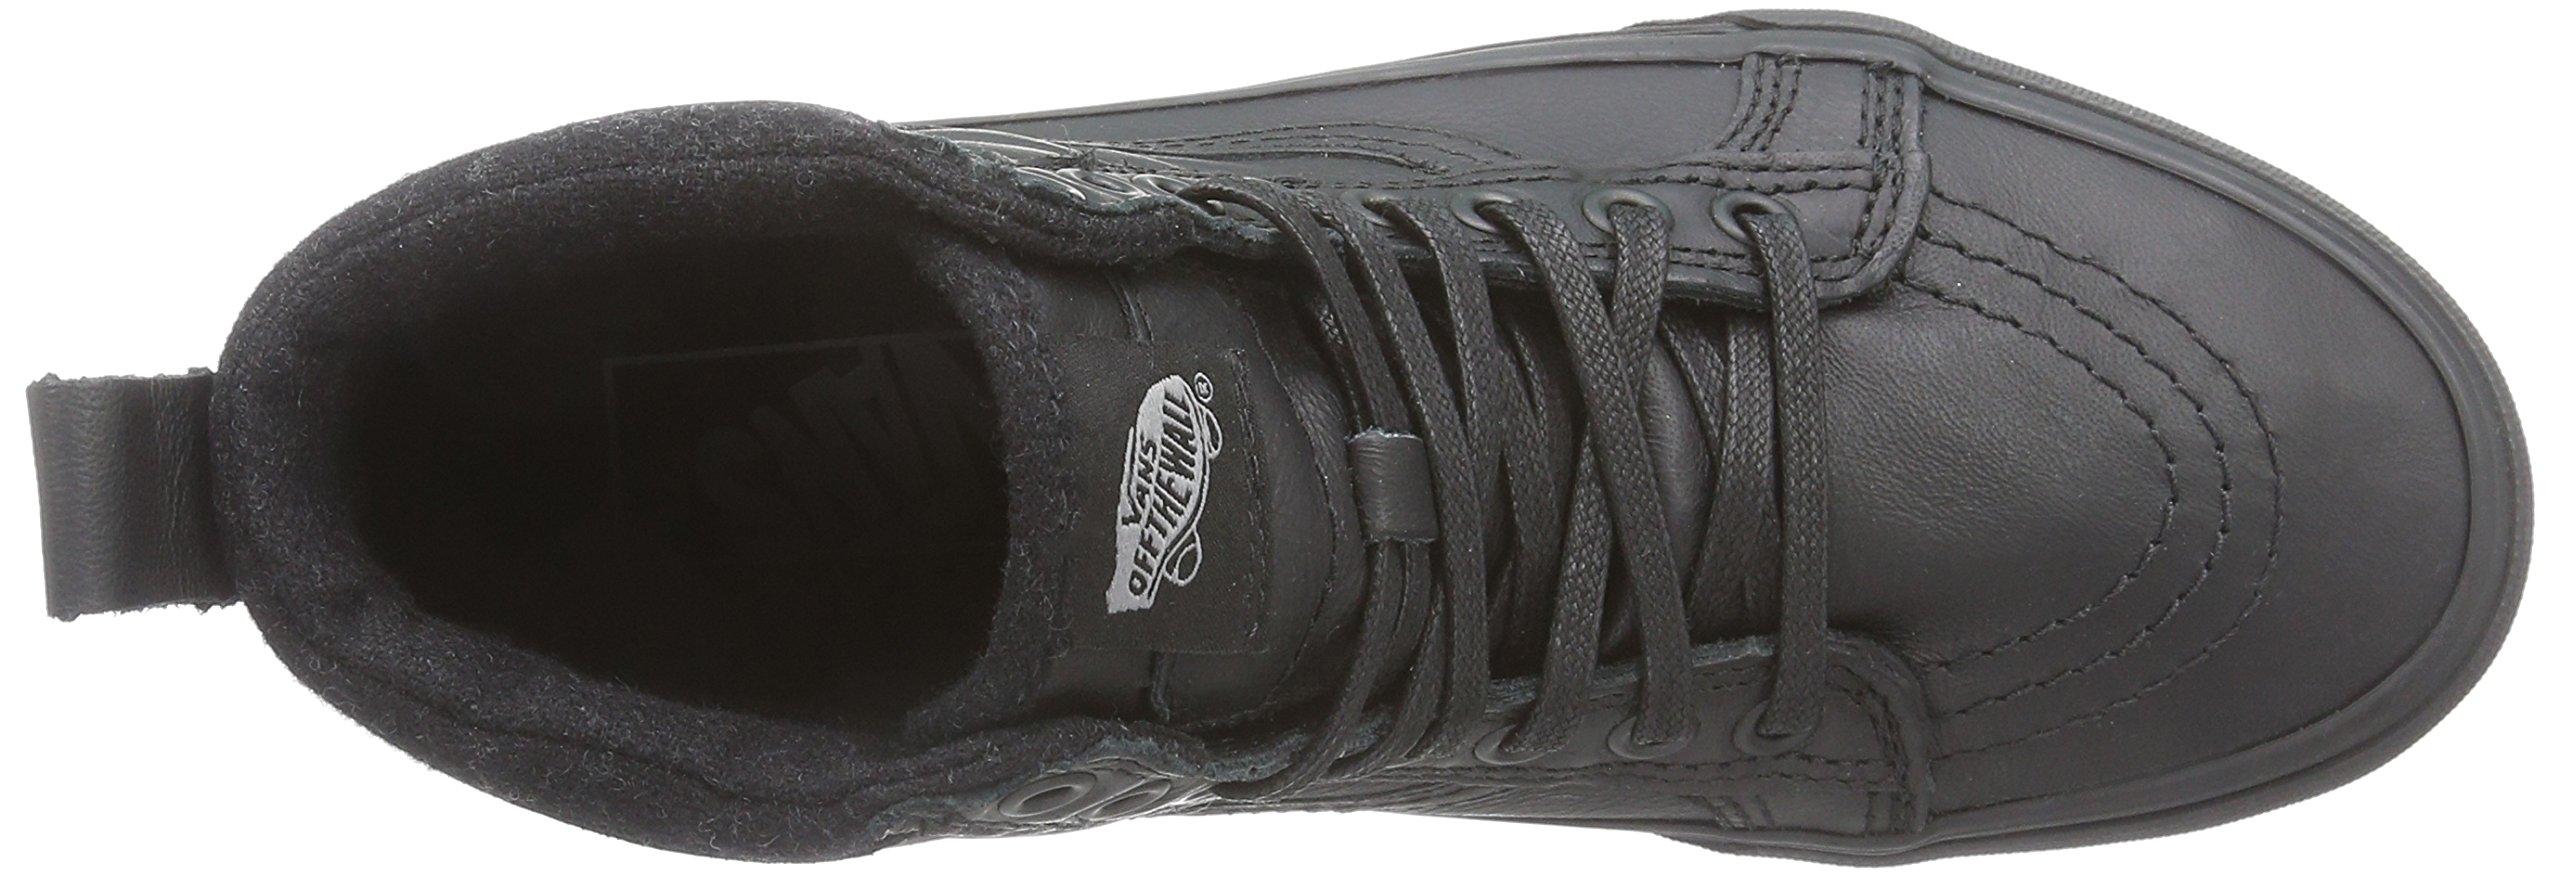 Vans Unisex SK8-Hi MTE (Mte) Black/Leather 11.5 Women / 10 Men M US by Vans (Image #7)